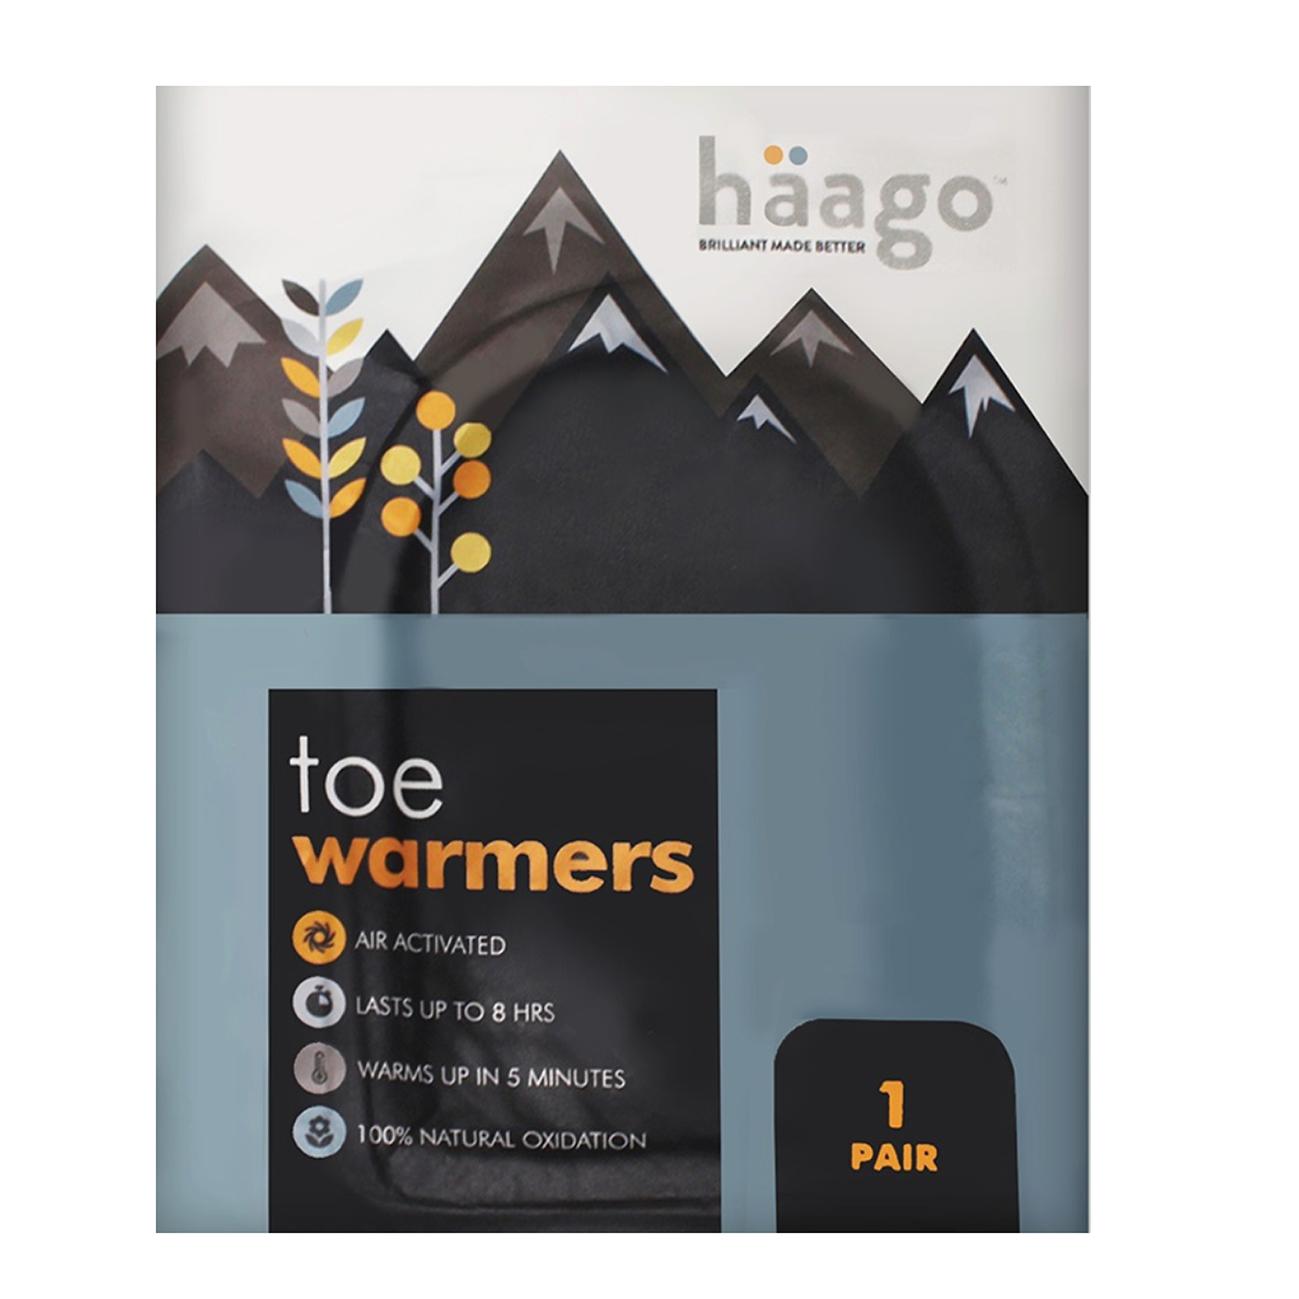 haago - toe warmer